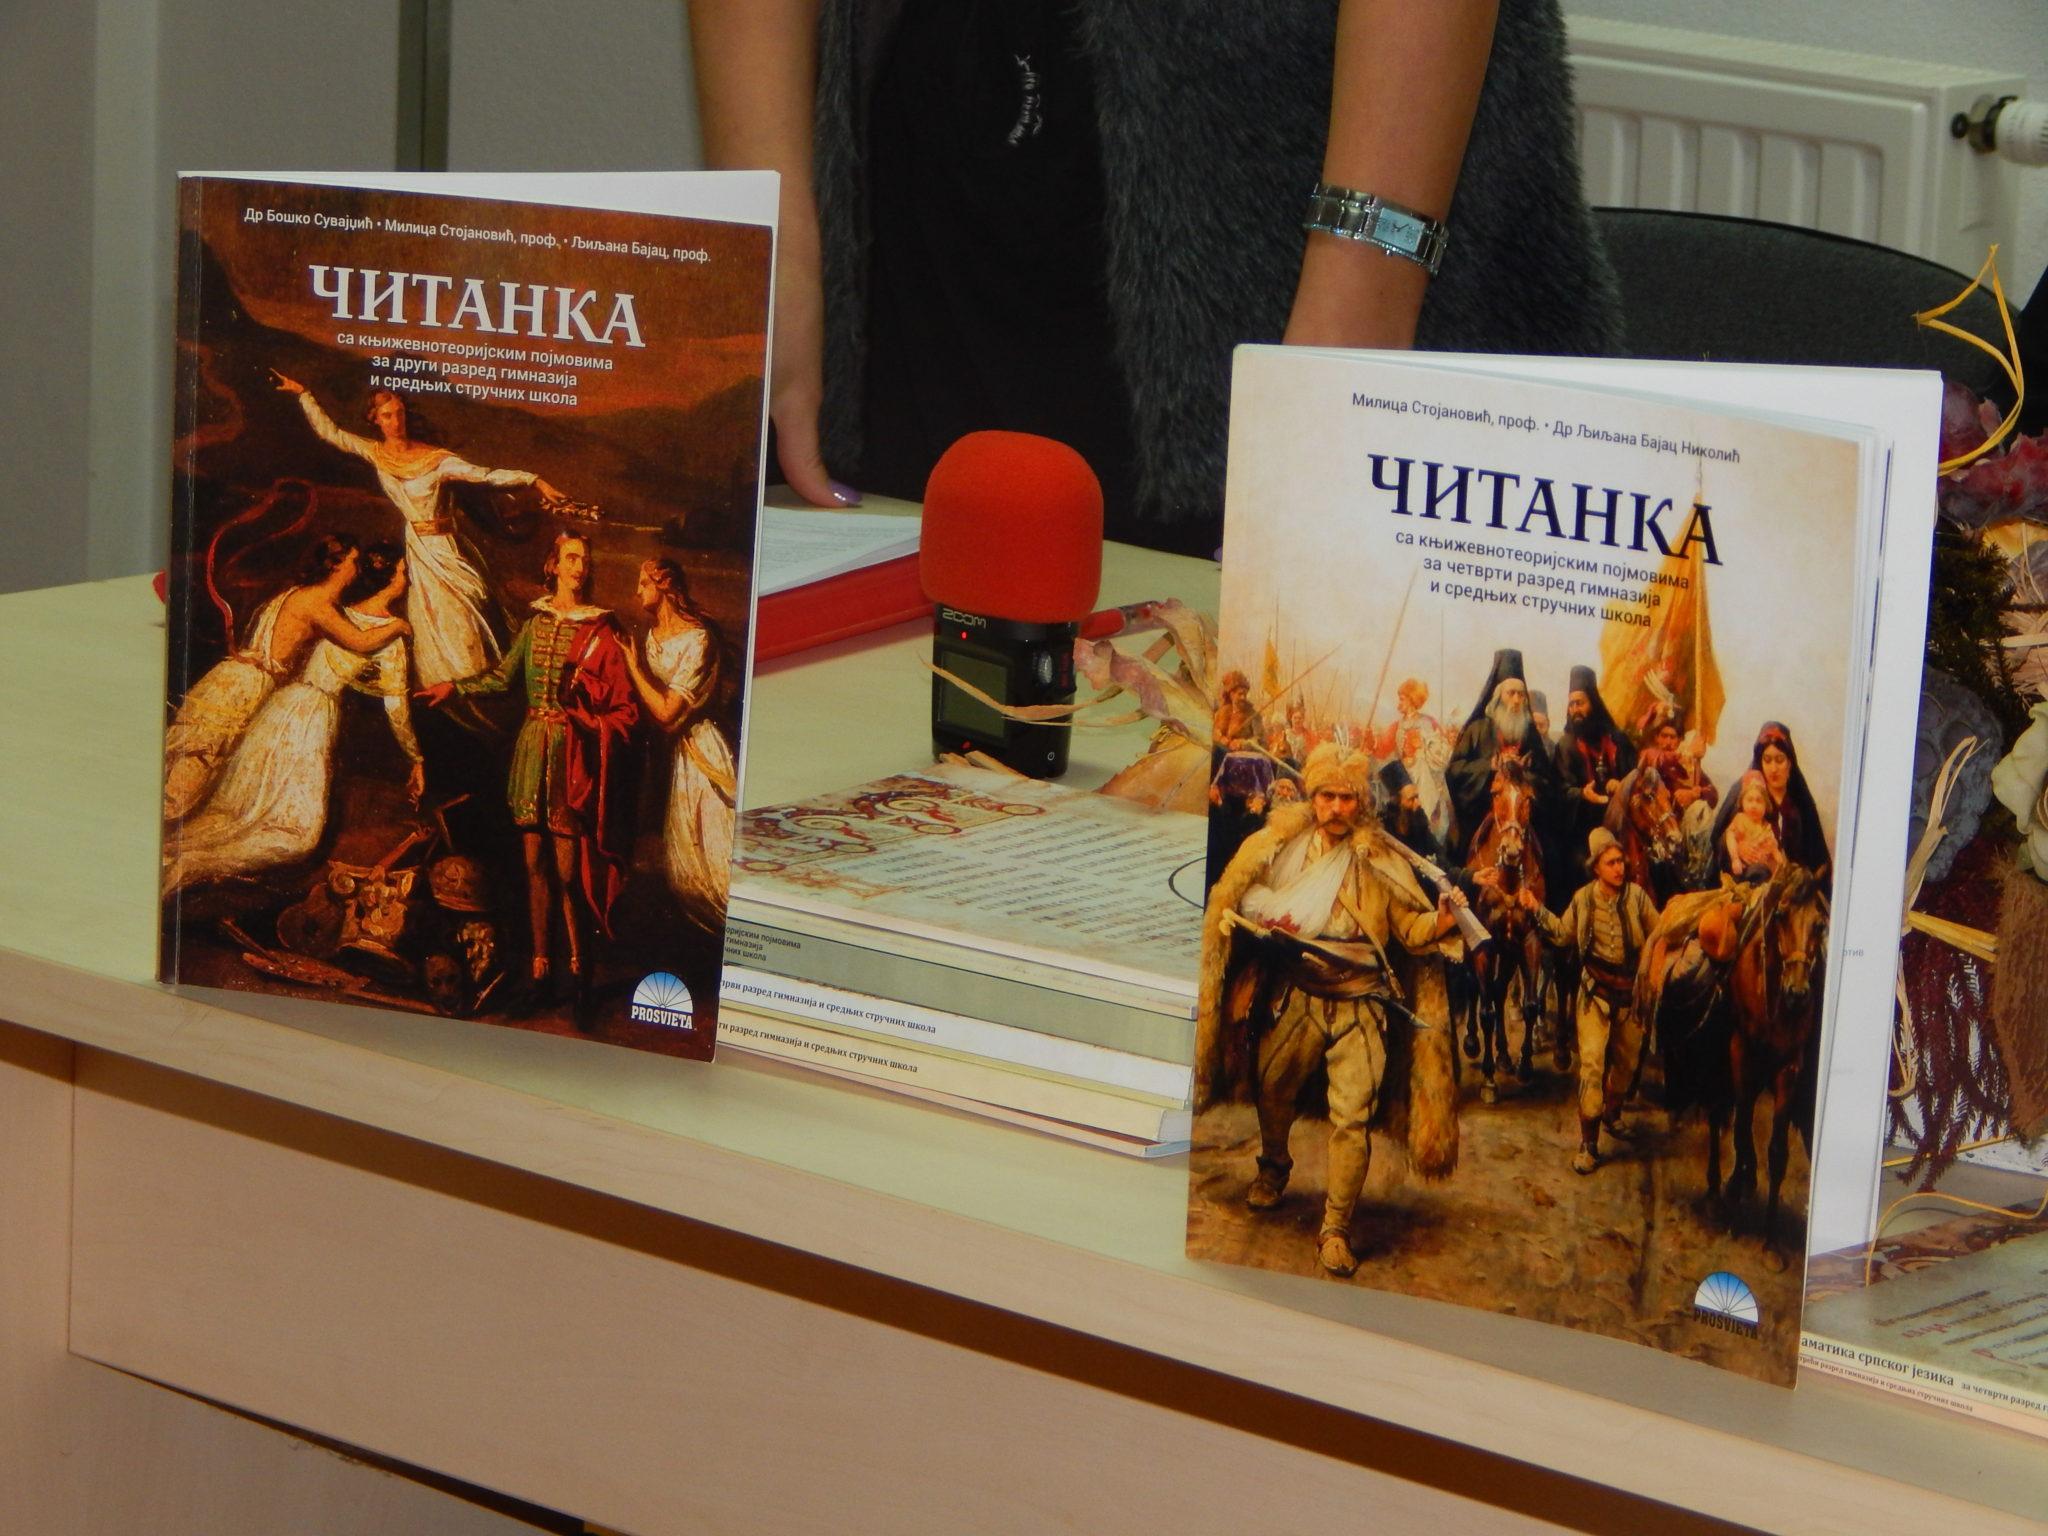 SKANDAL - Srbočetnici masakrirali Hrvate